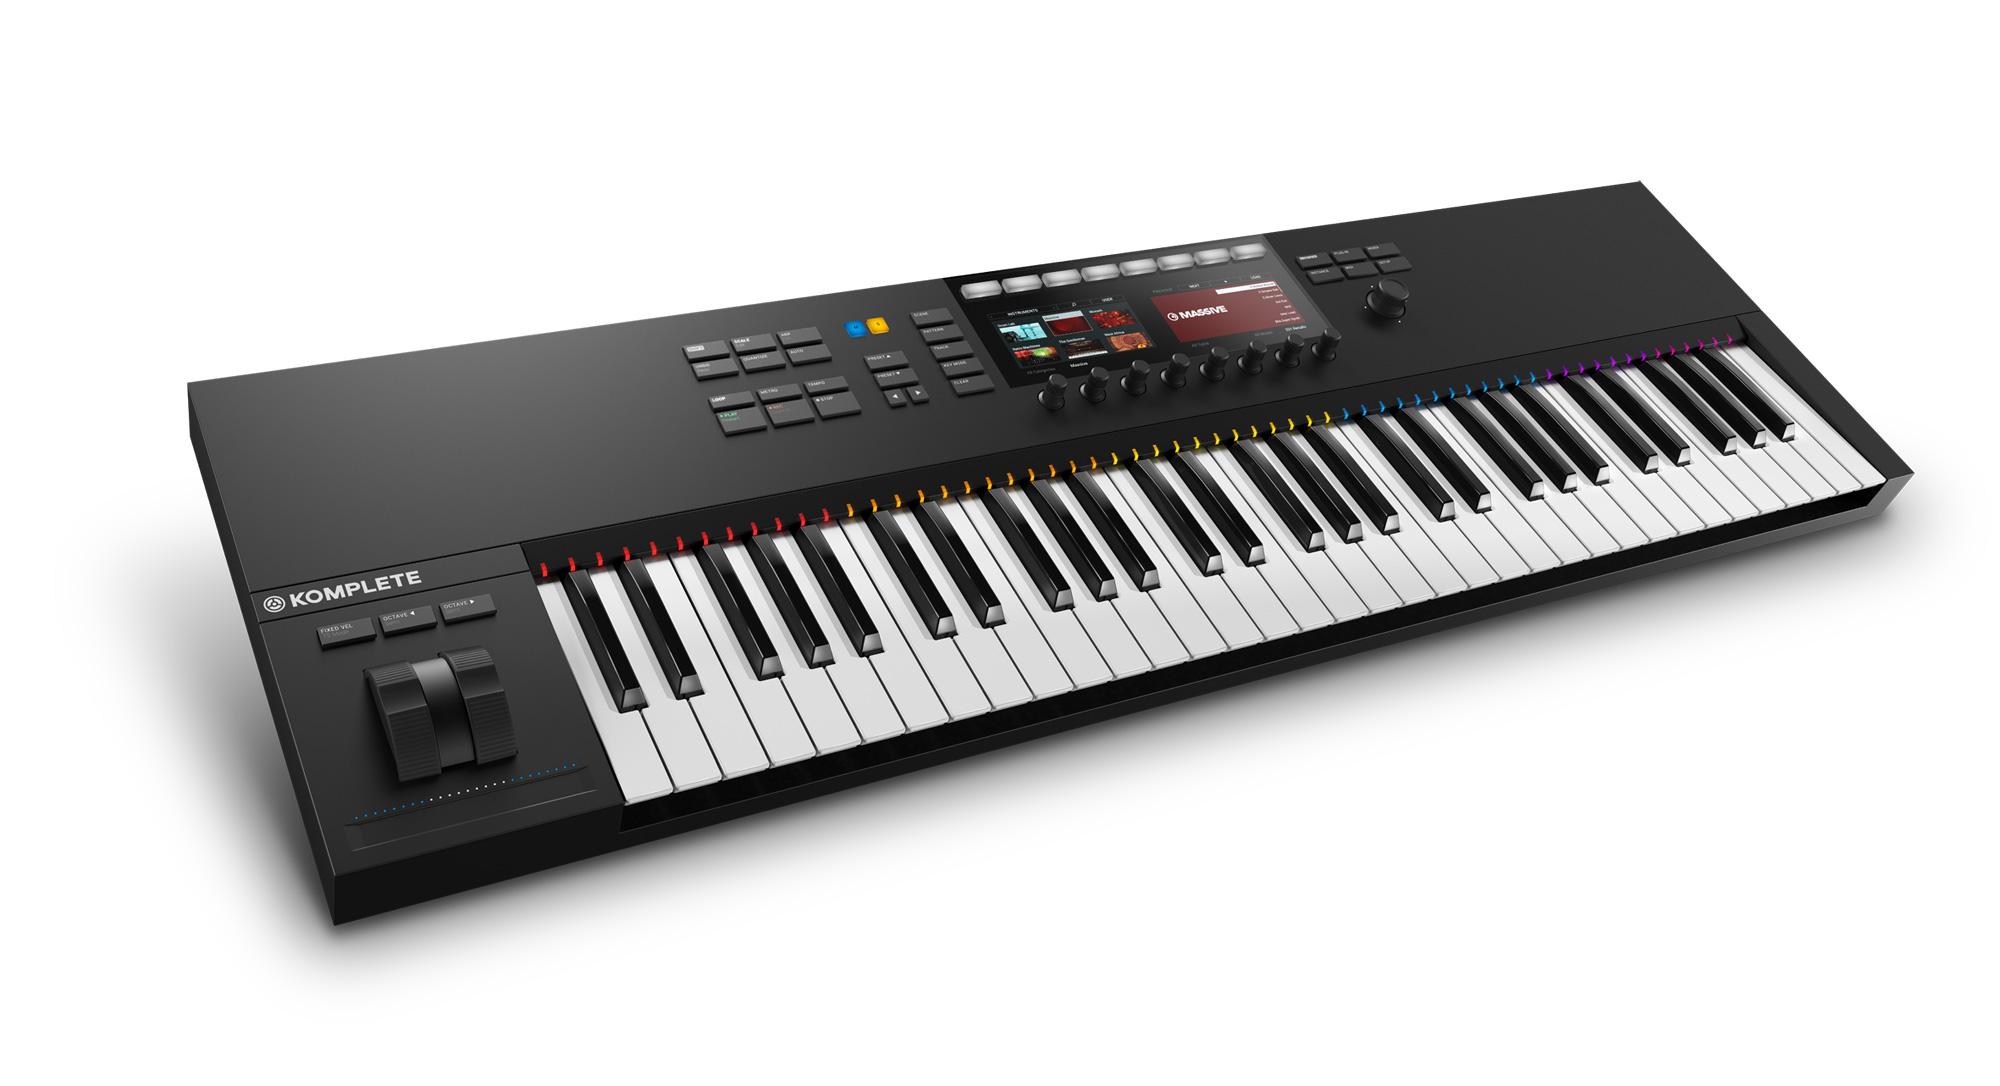 Nuevos teclados Komplete Kontrol de Native Instruments